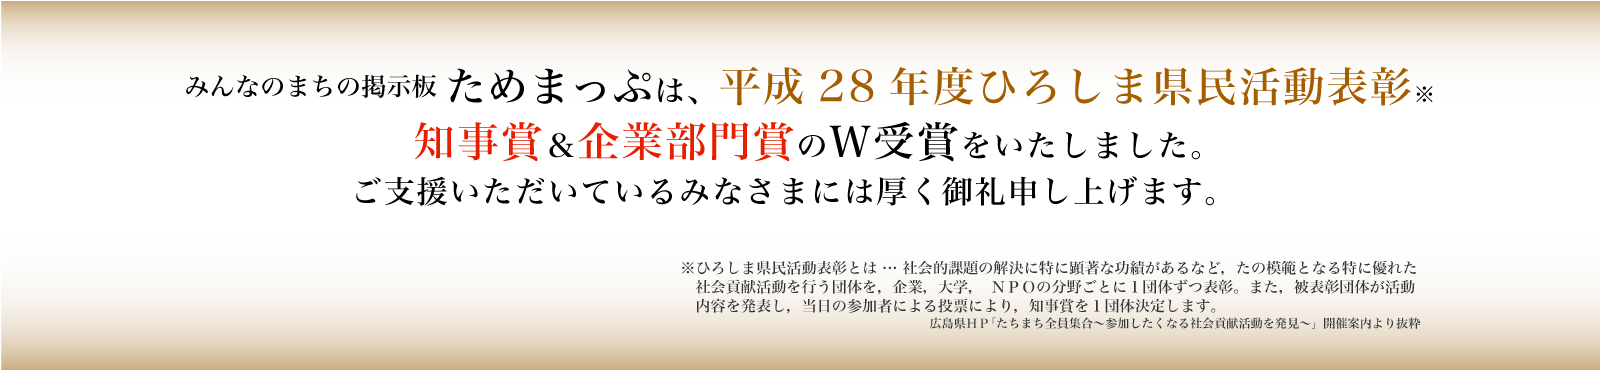 平成28年度ひろしま県民活動表彰 知事賞 企業部門賞 受賞